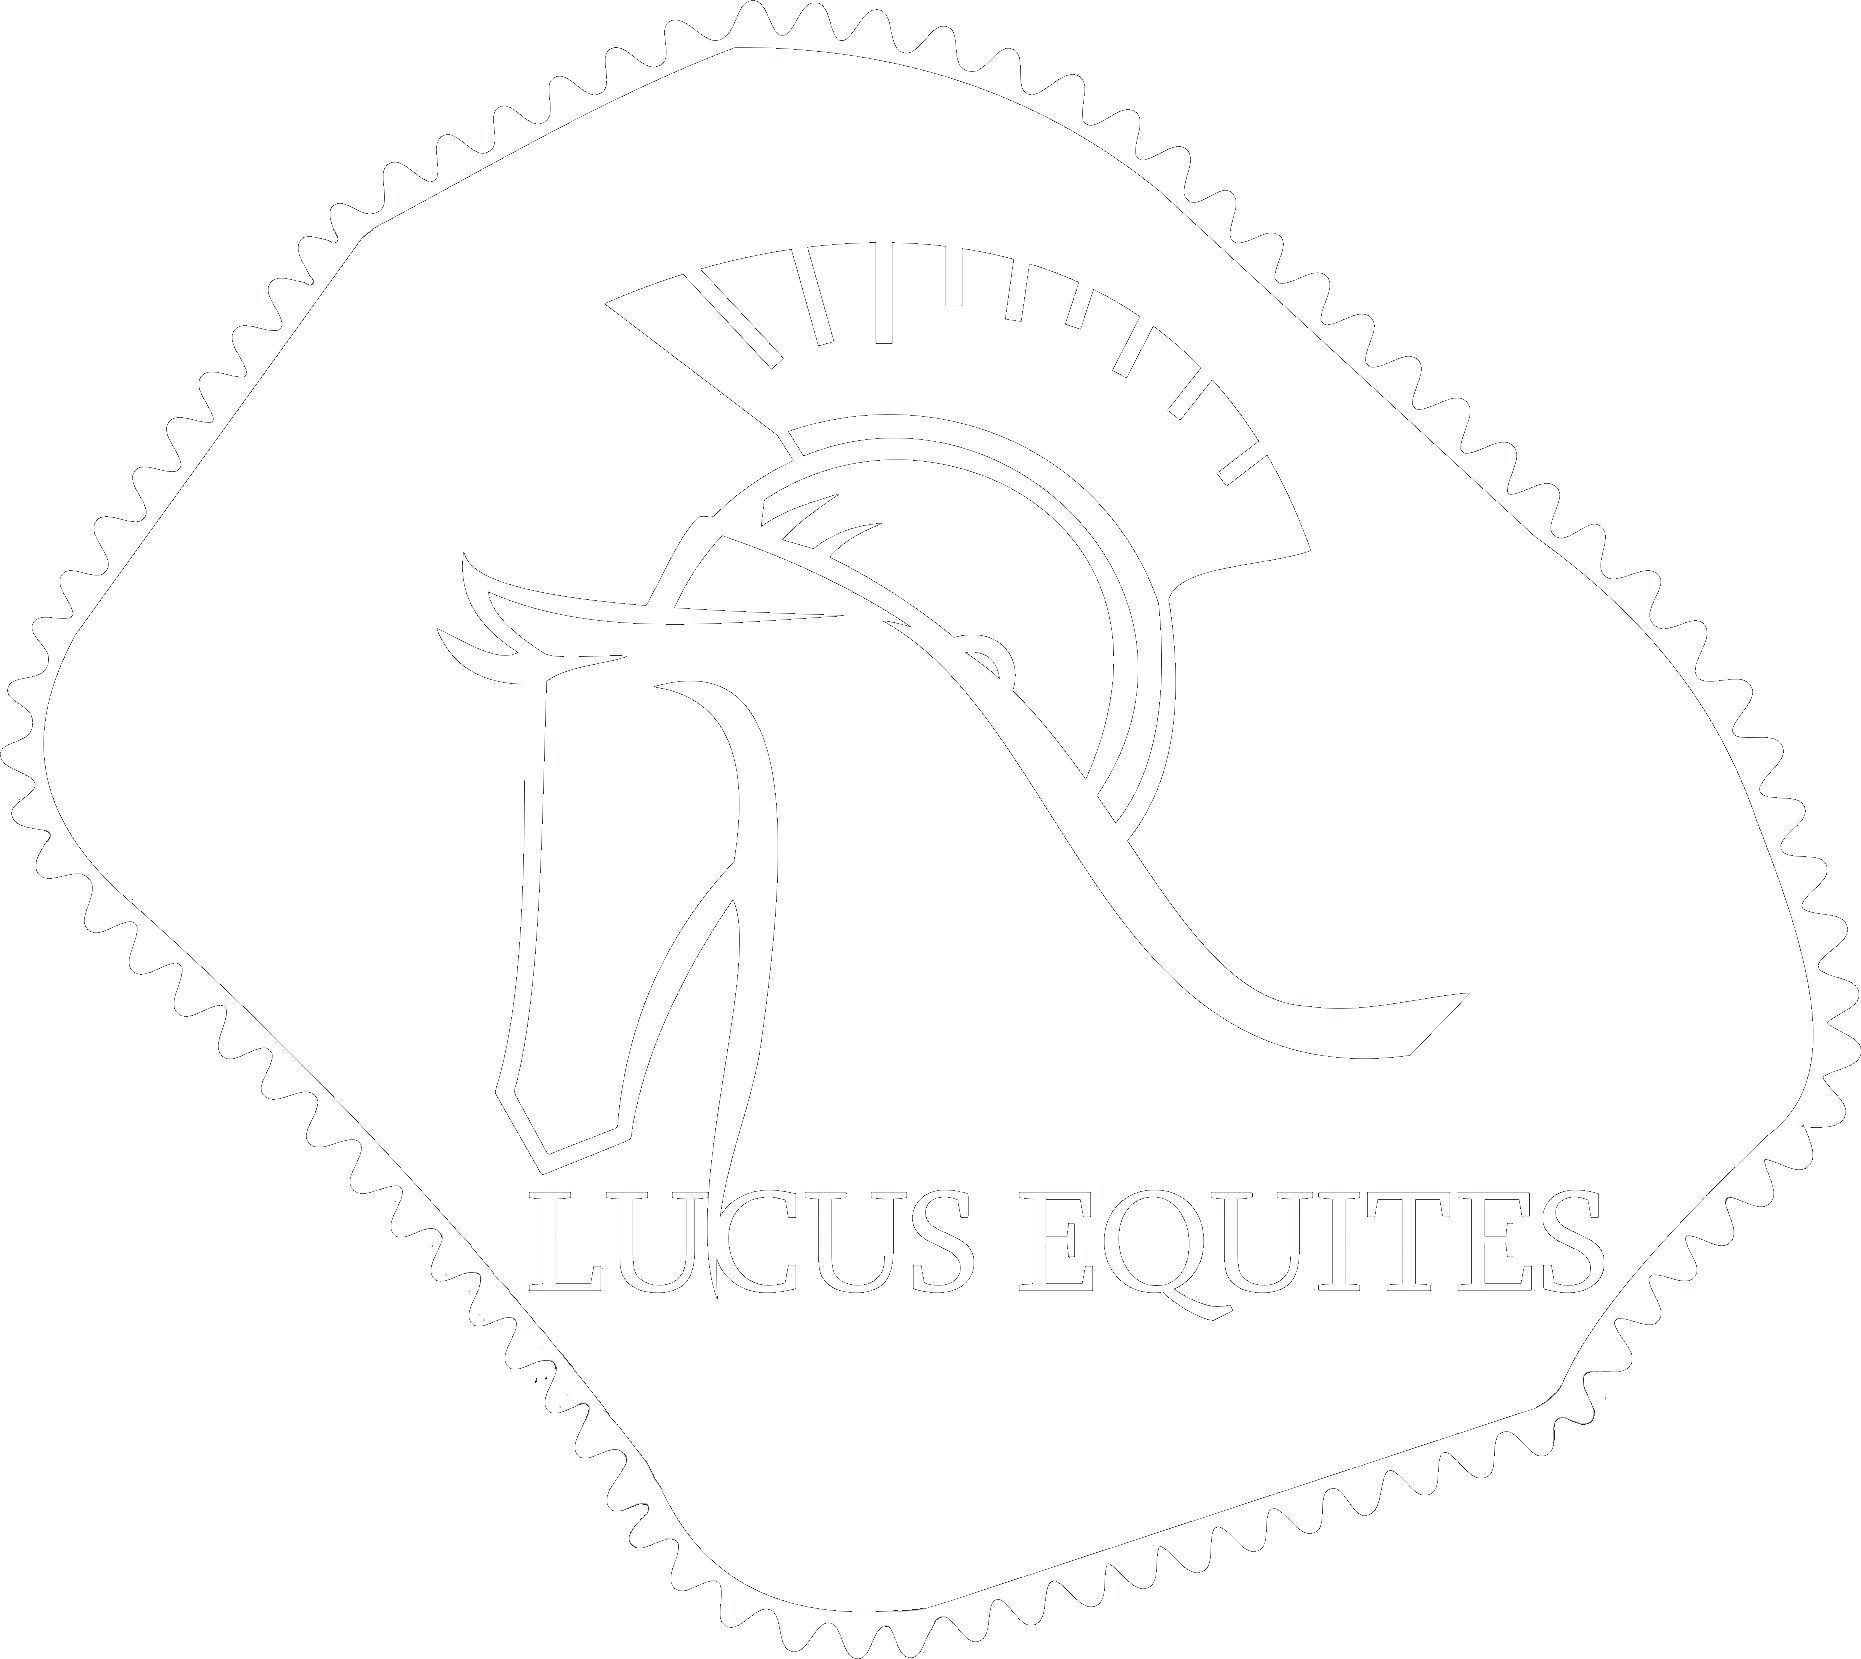 Lucus Equites